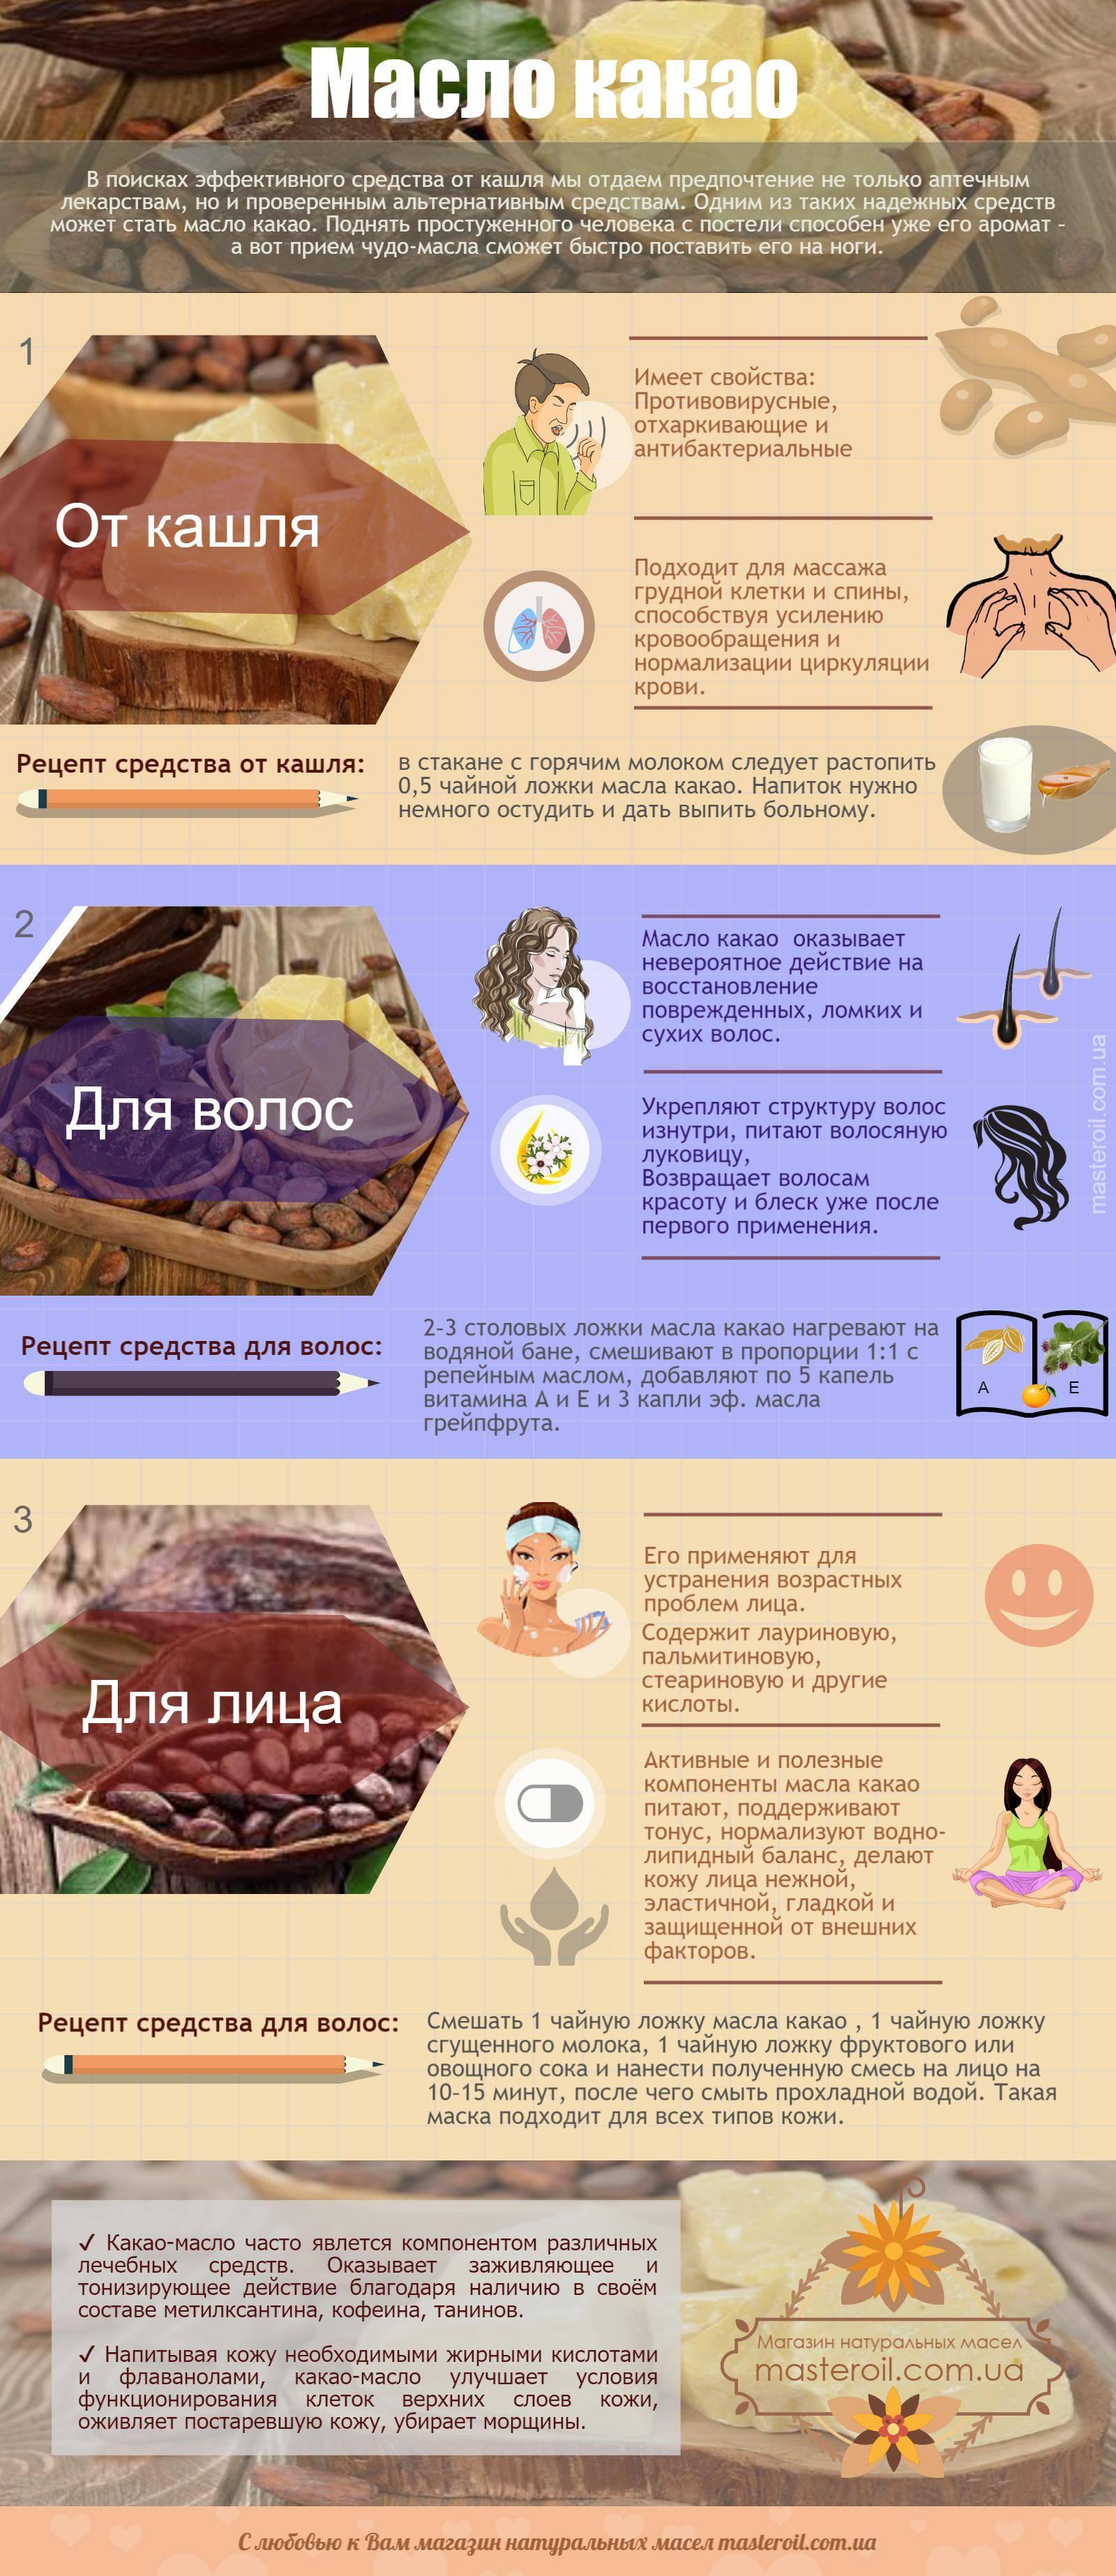 Какие заменители какао-масла лауринового типа бывают?